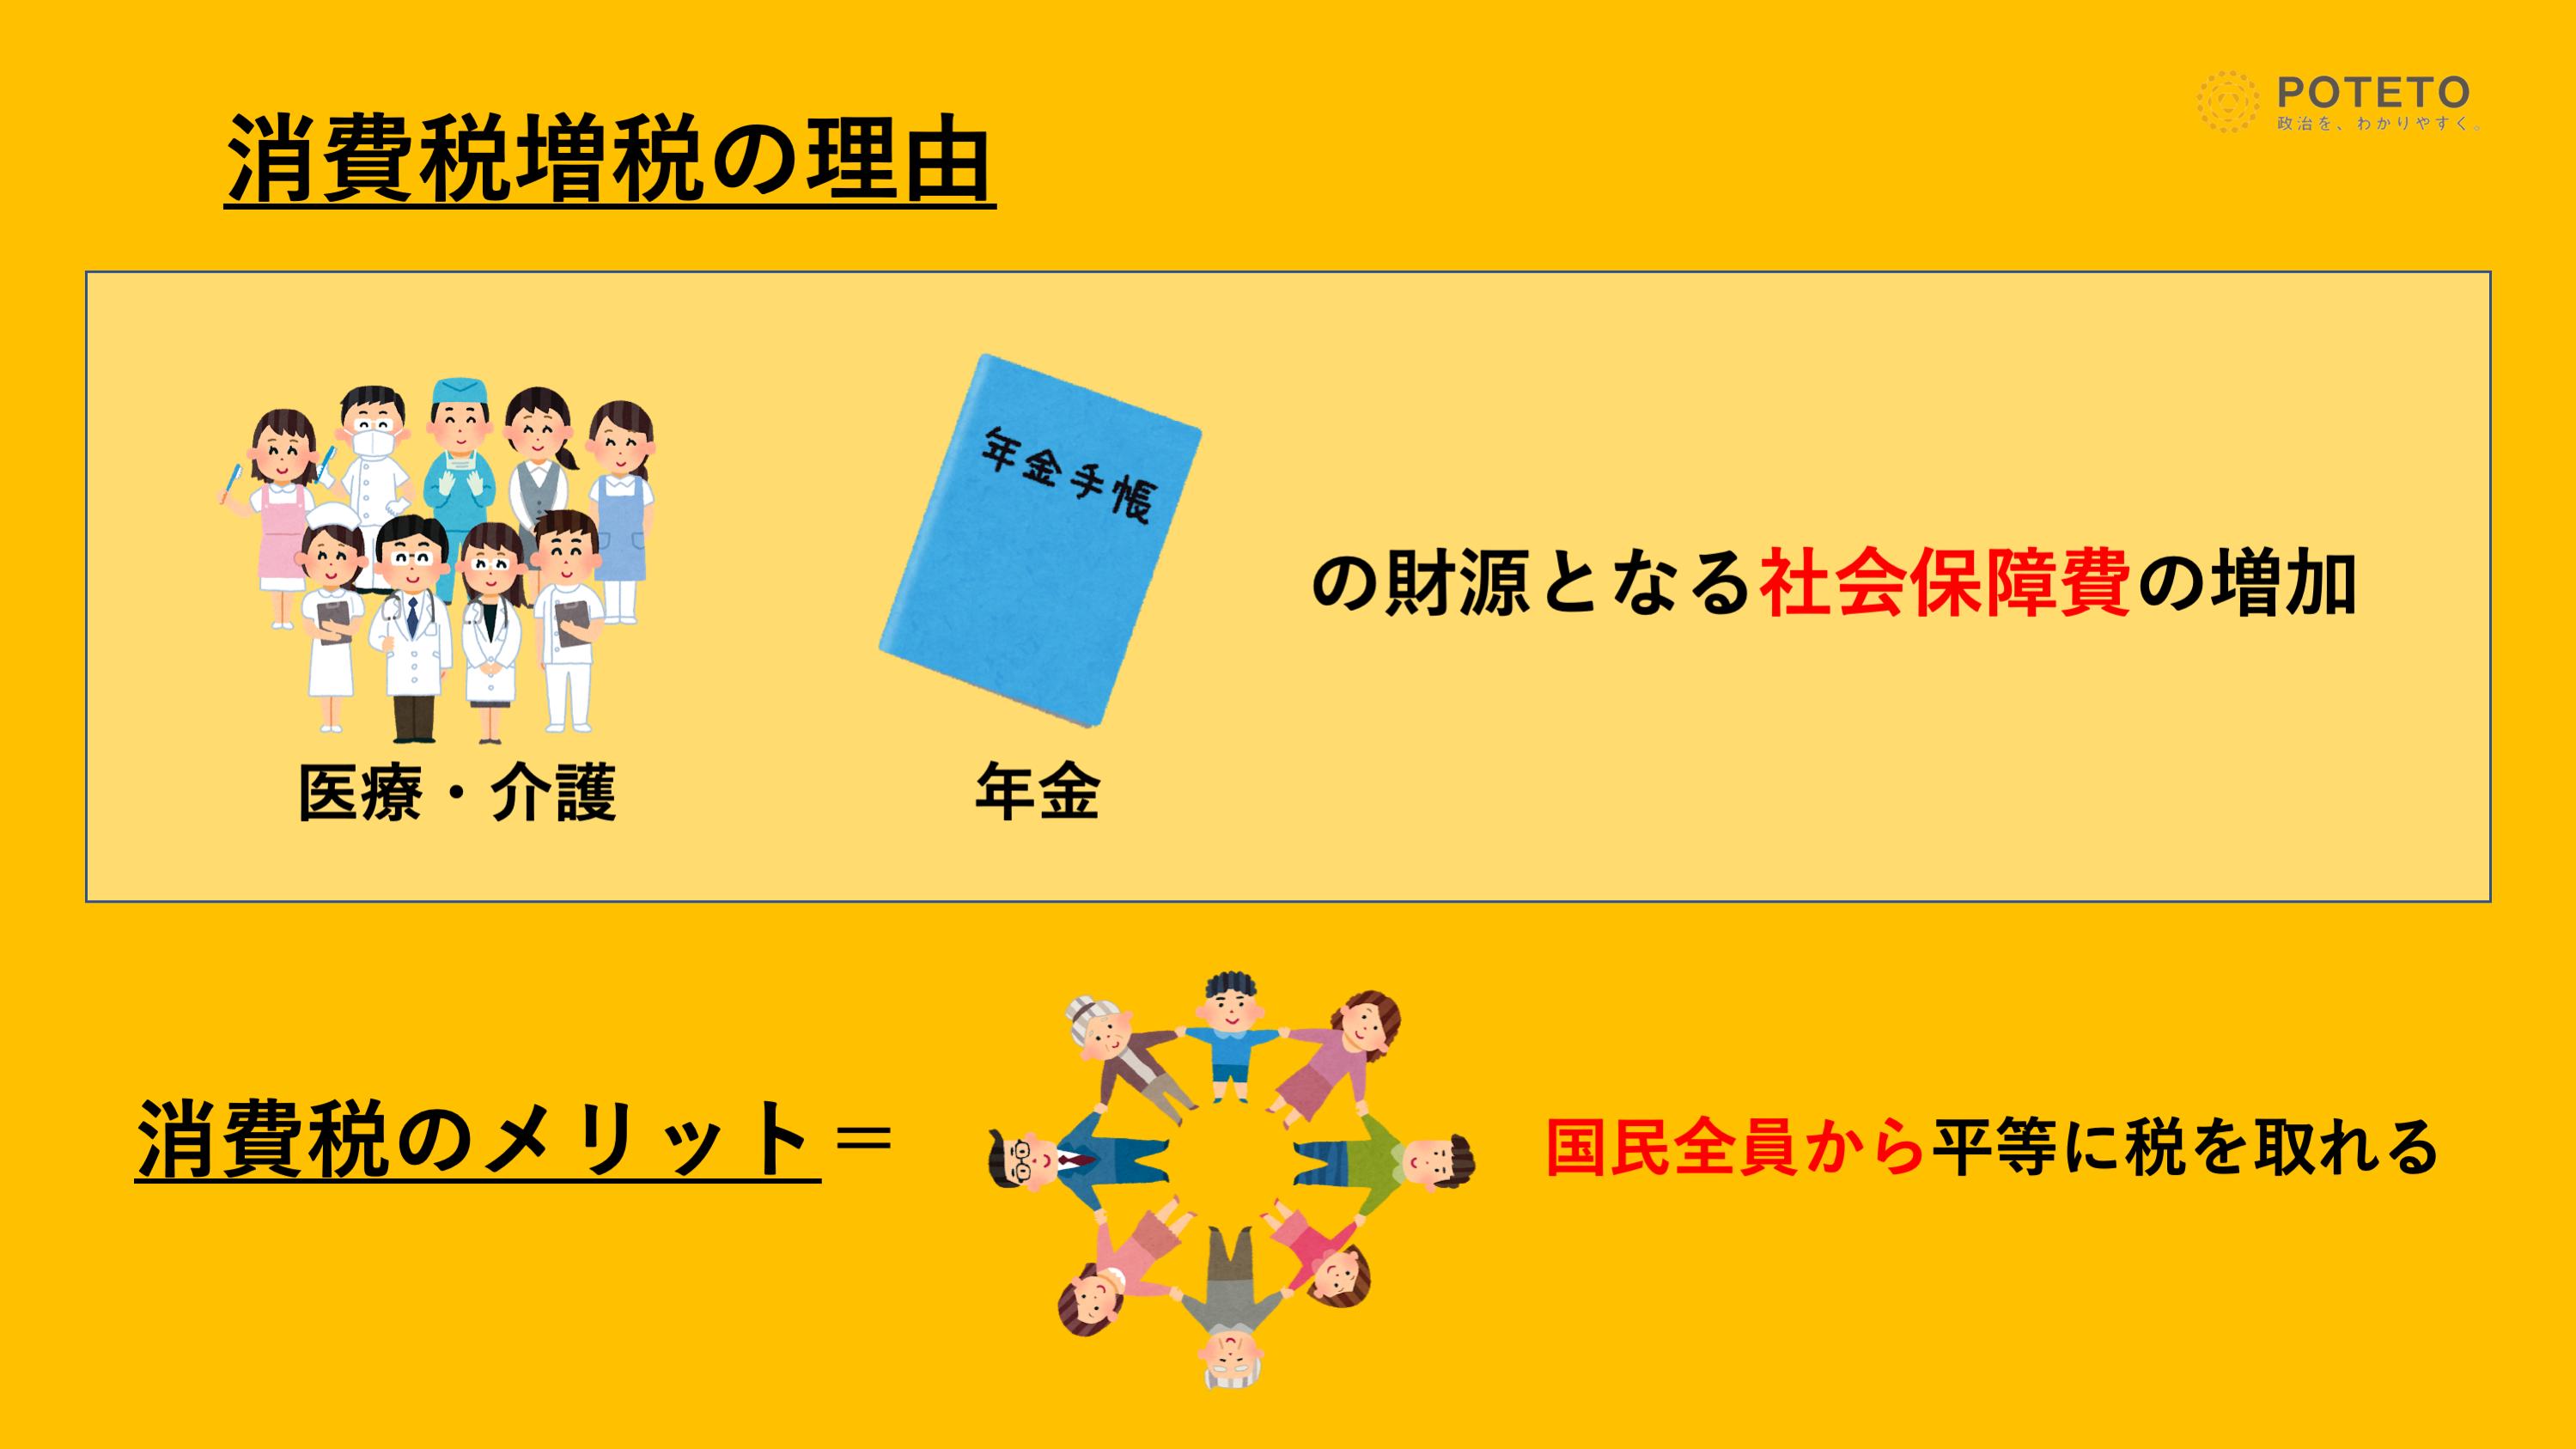 b44c478a07bf19da90c73a7d445b1bba - 消費税増税【POTETOワード】